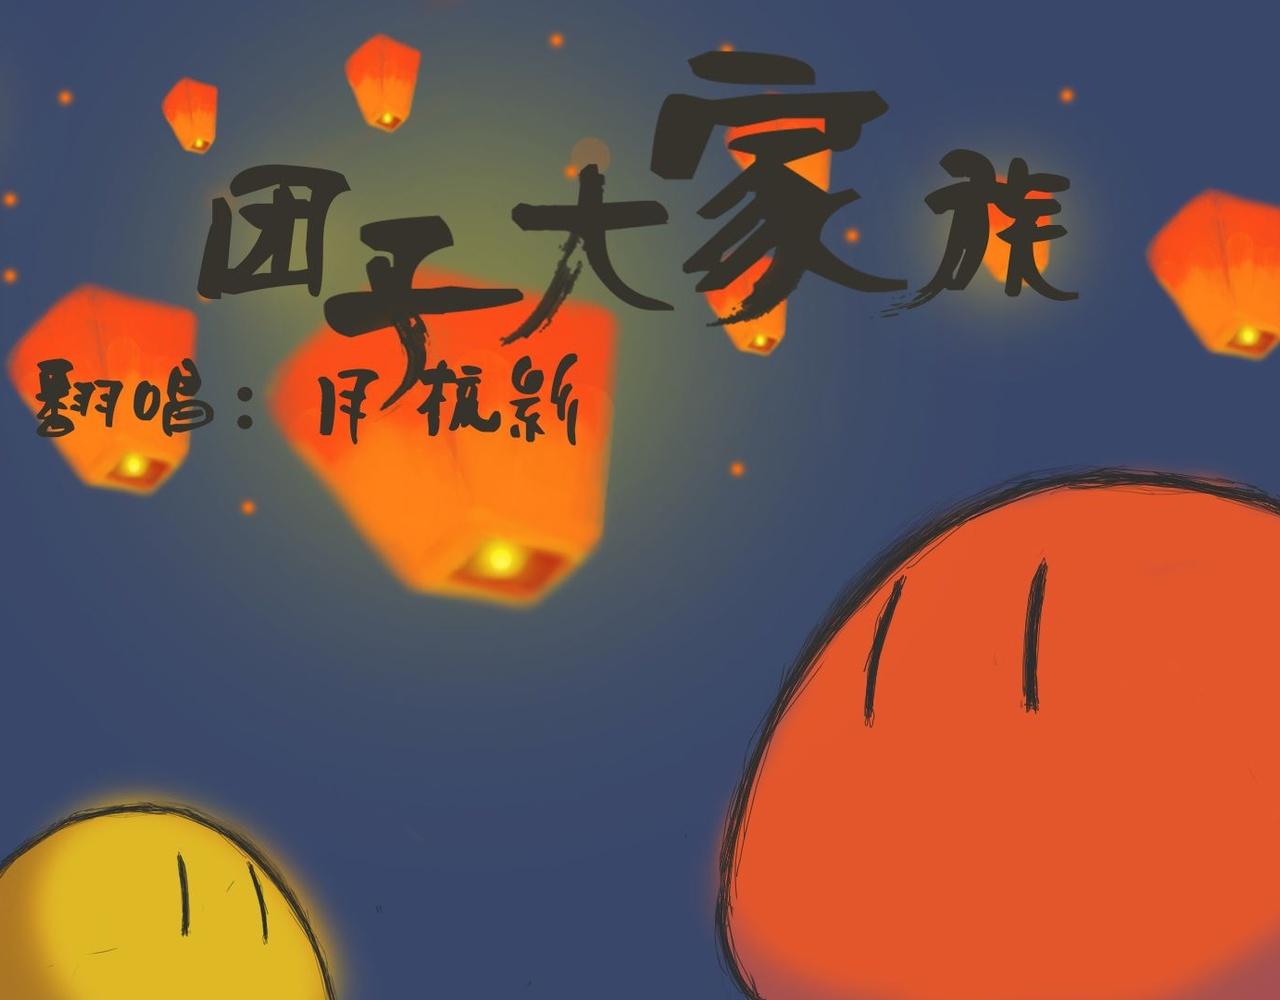 【月梳影】团子大家族 · 元宵许愿团(原创pv付......跟着团子宝宝和兔子先生一起做河灯放许愿灯吧,元宵快乐!)